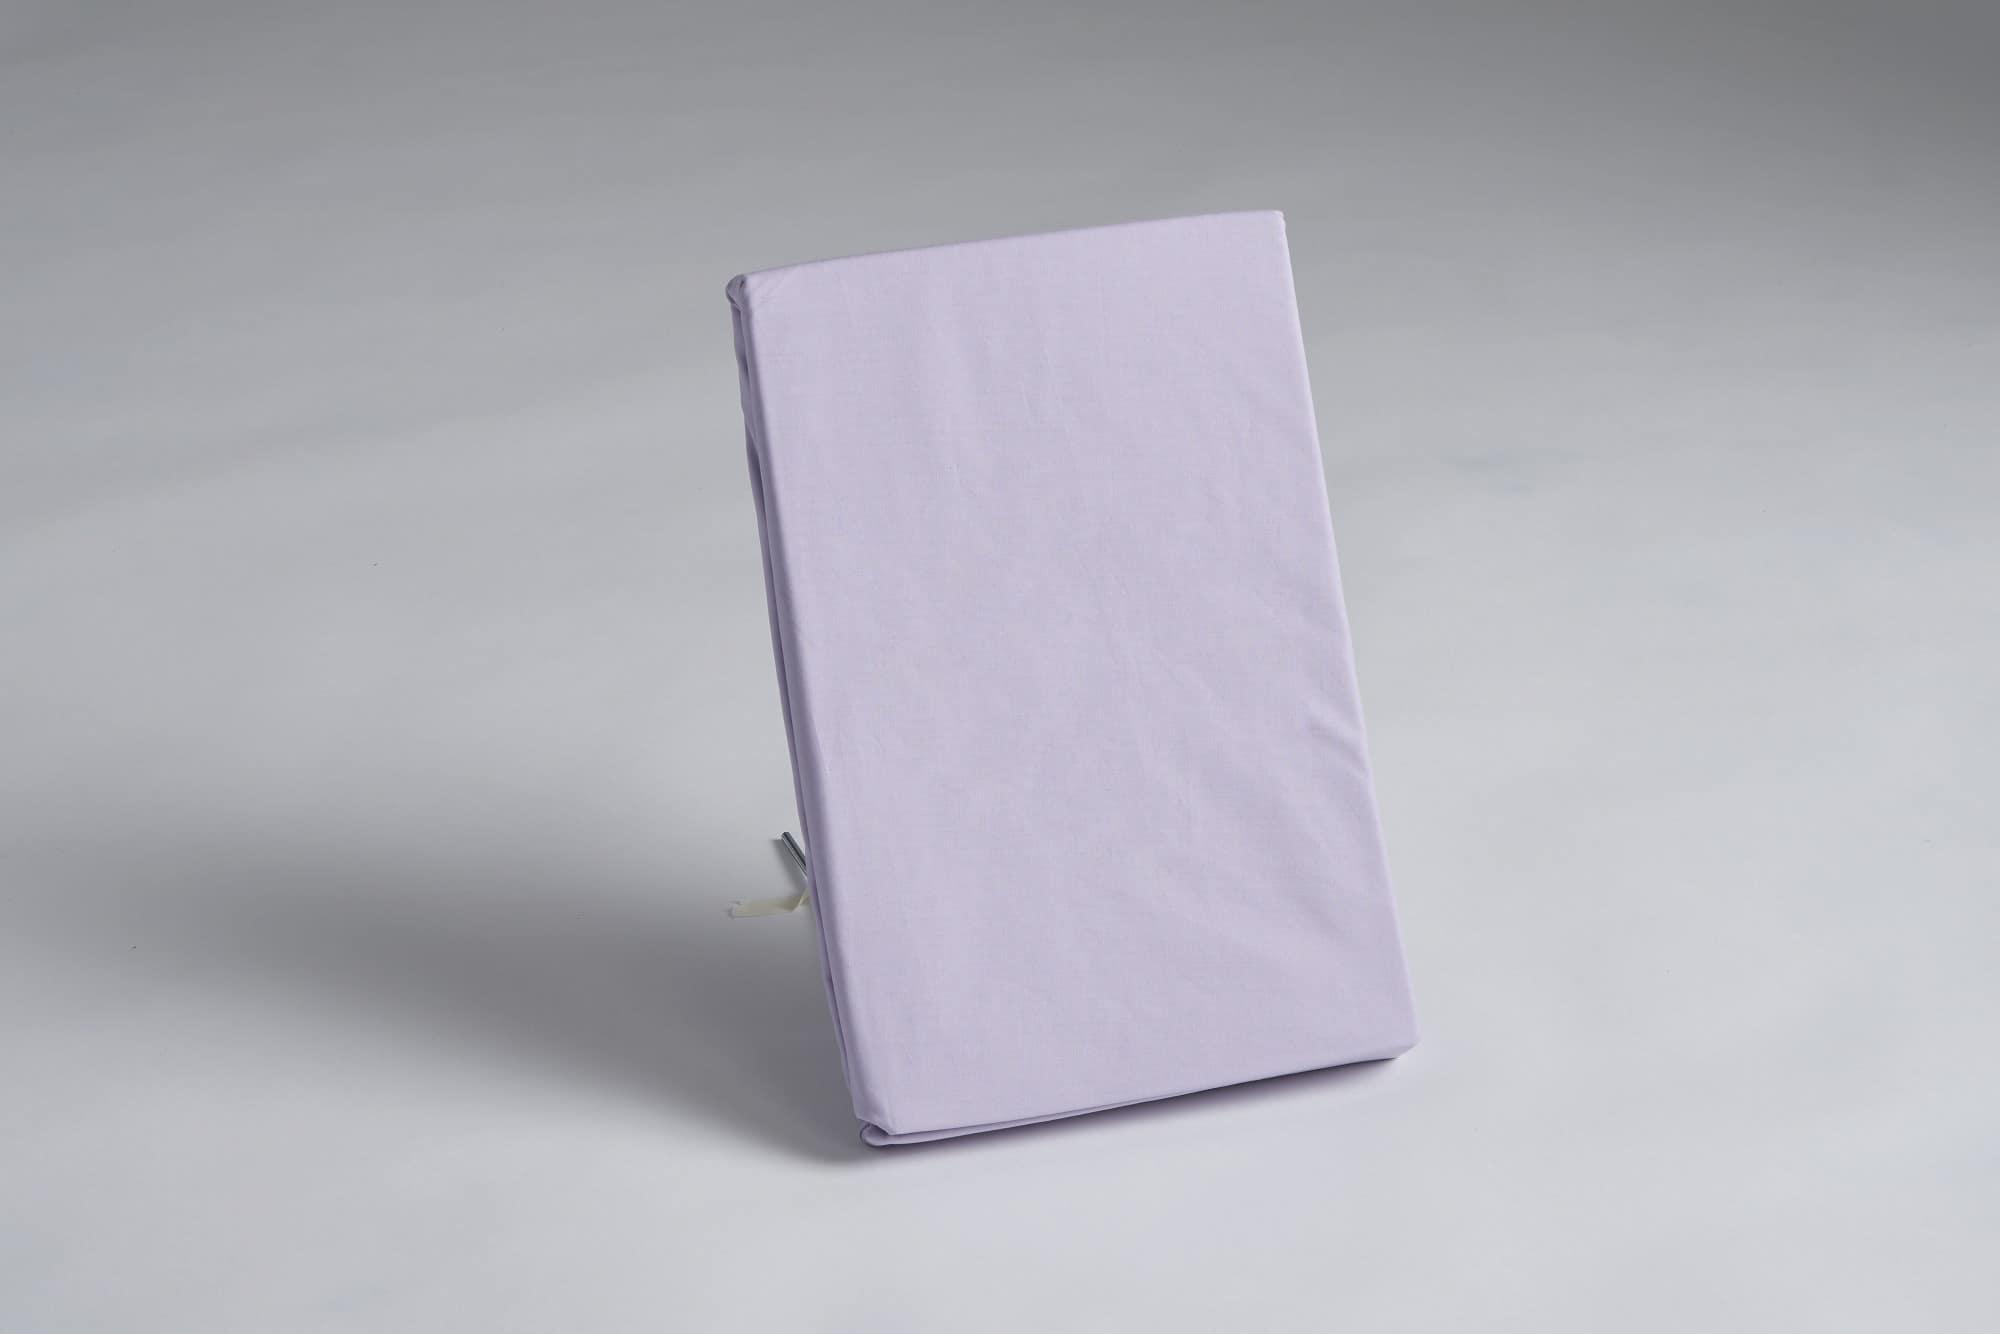 ボックスシーツ シングル用 36H パープル